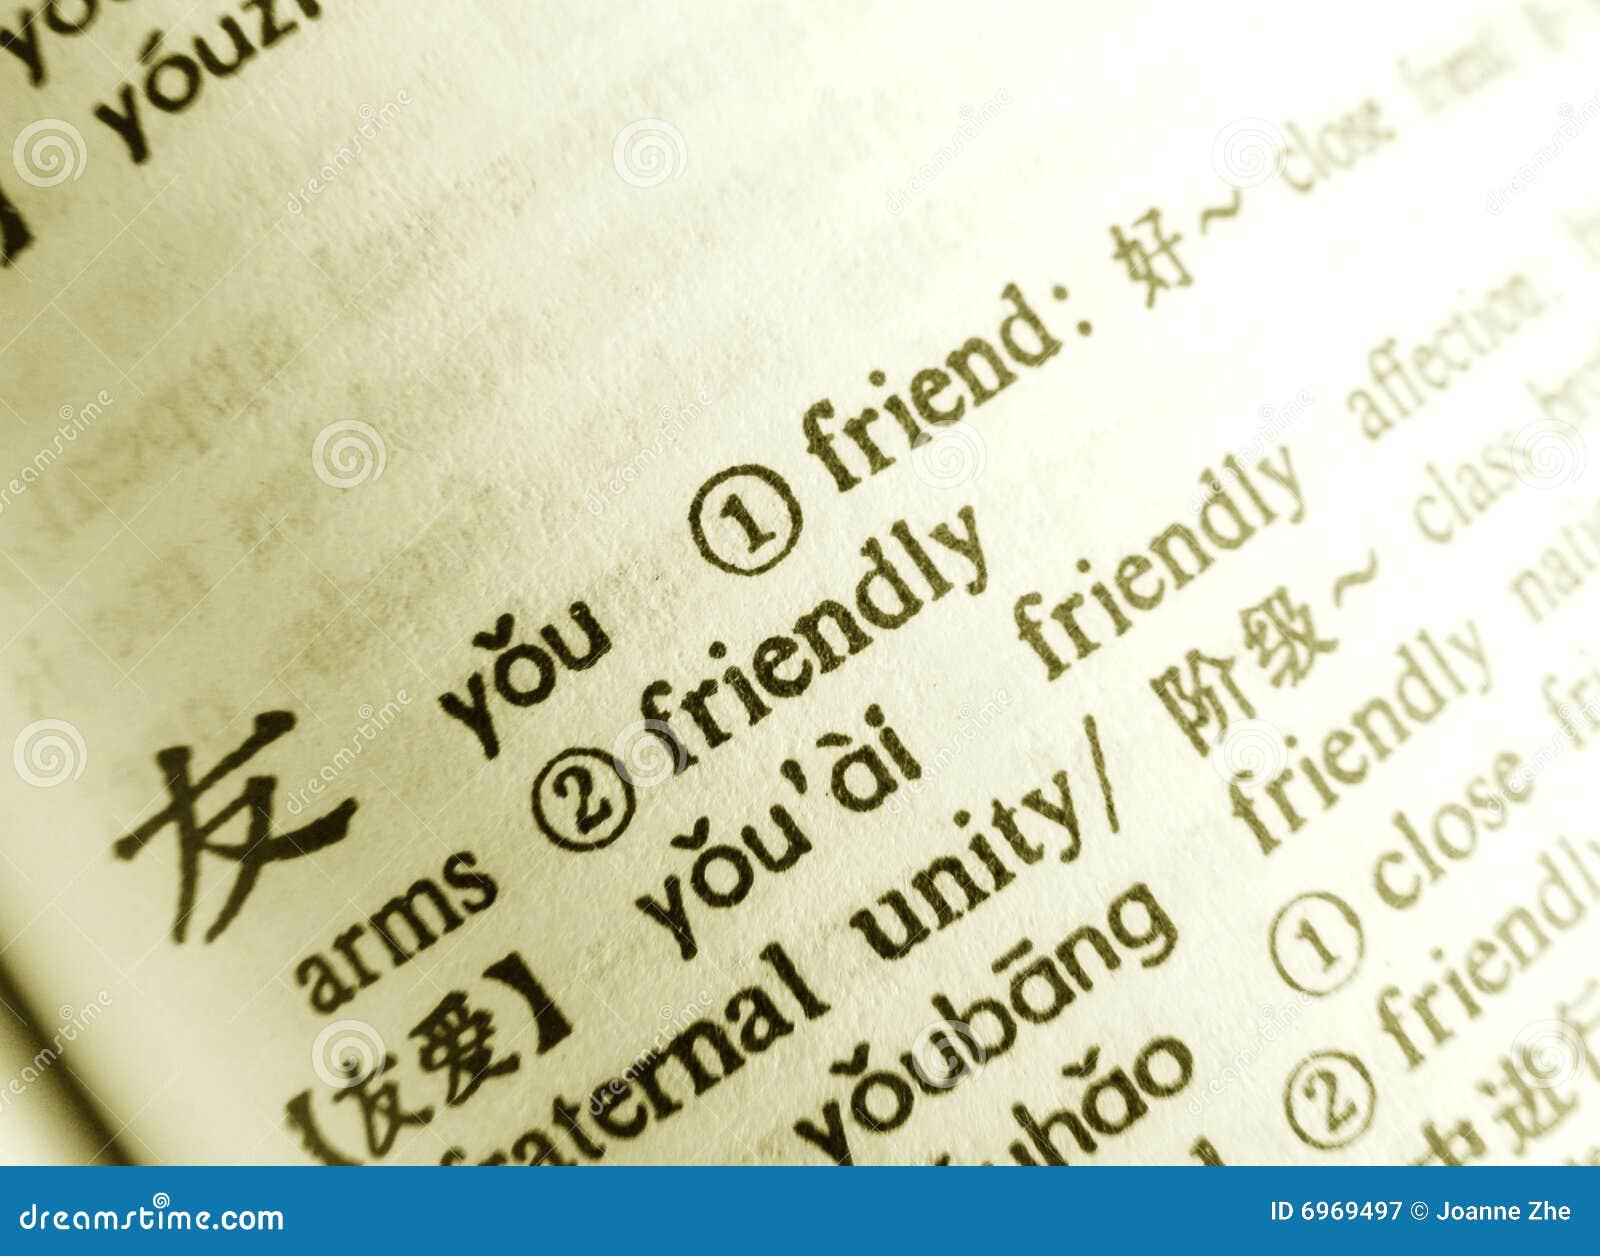 中国朋友语言字